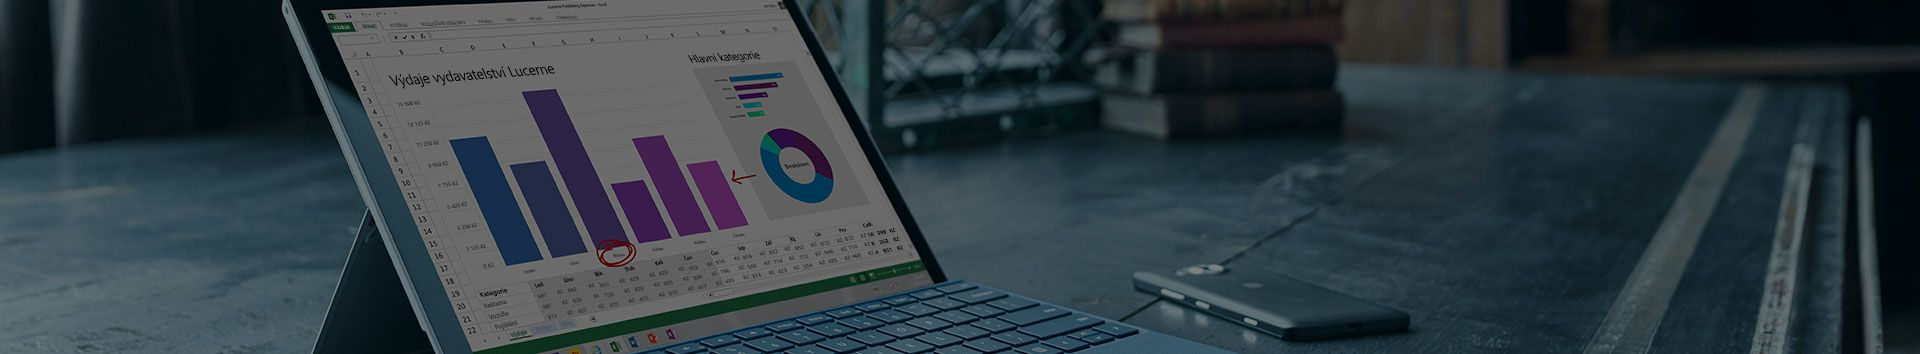 Obrázek tabletu Microsoft Surface s přehledem výdajů vMicrosoft Excelu